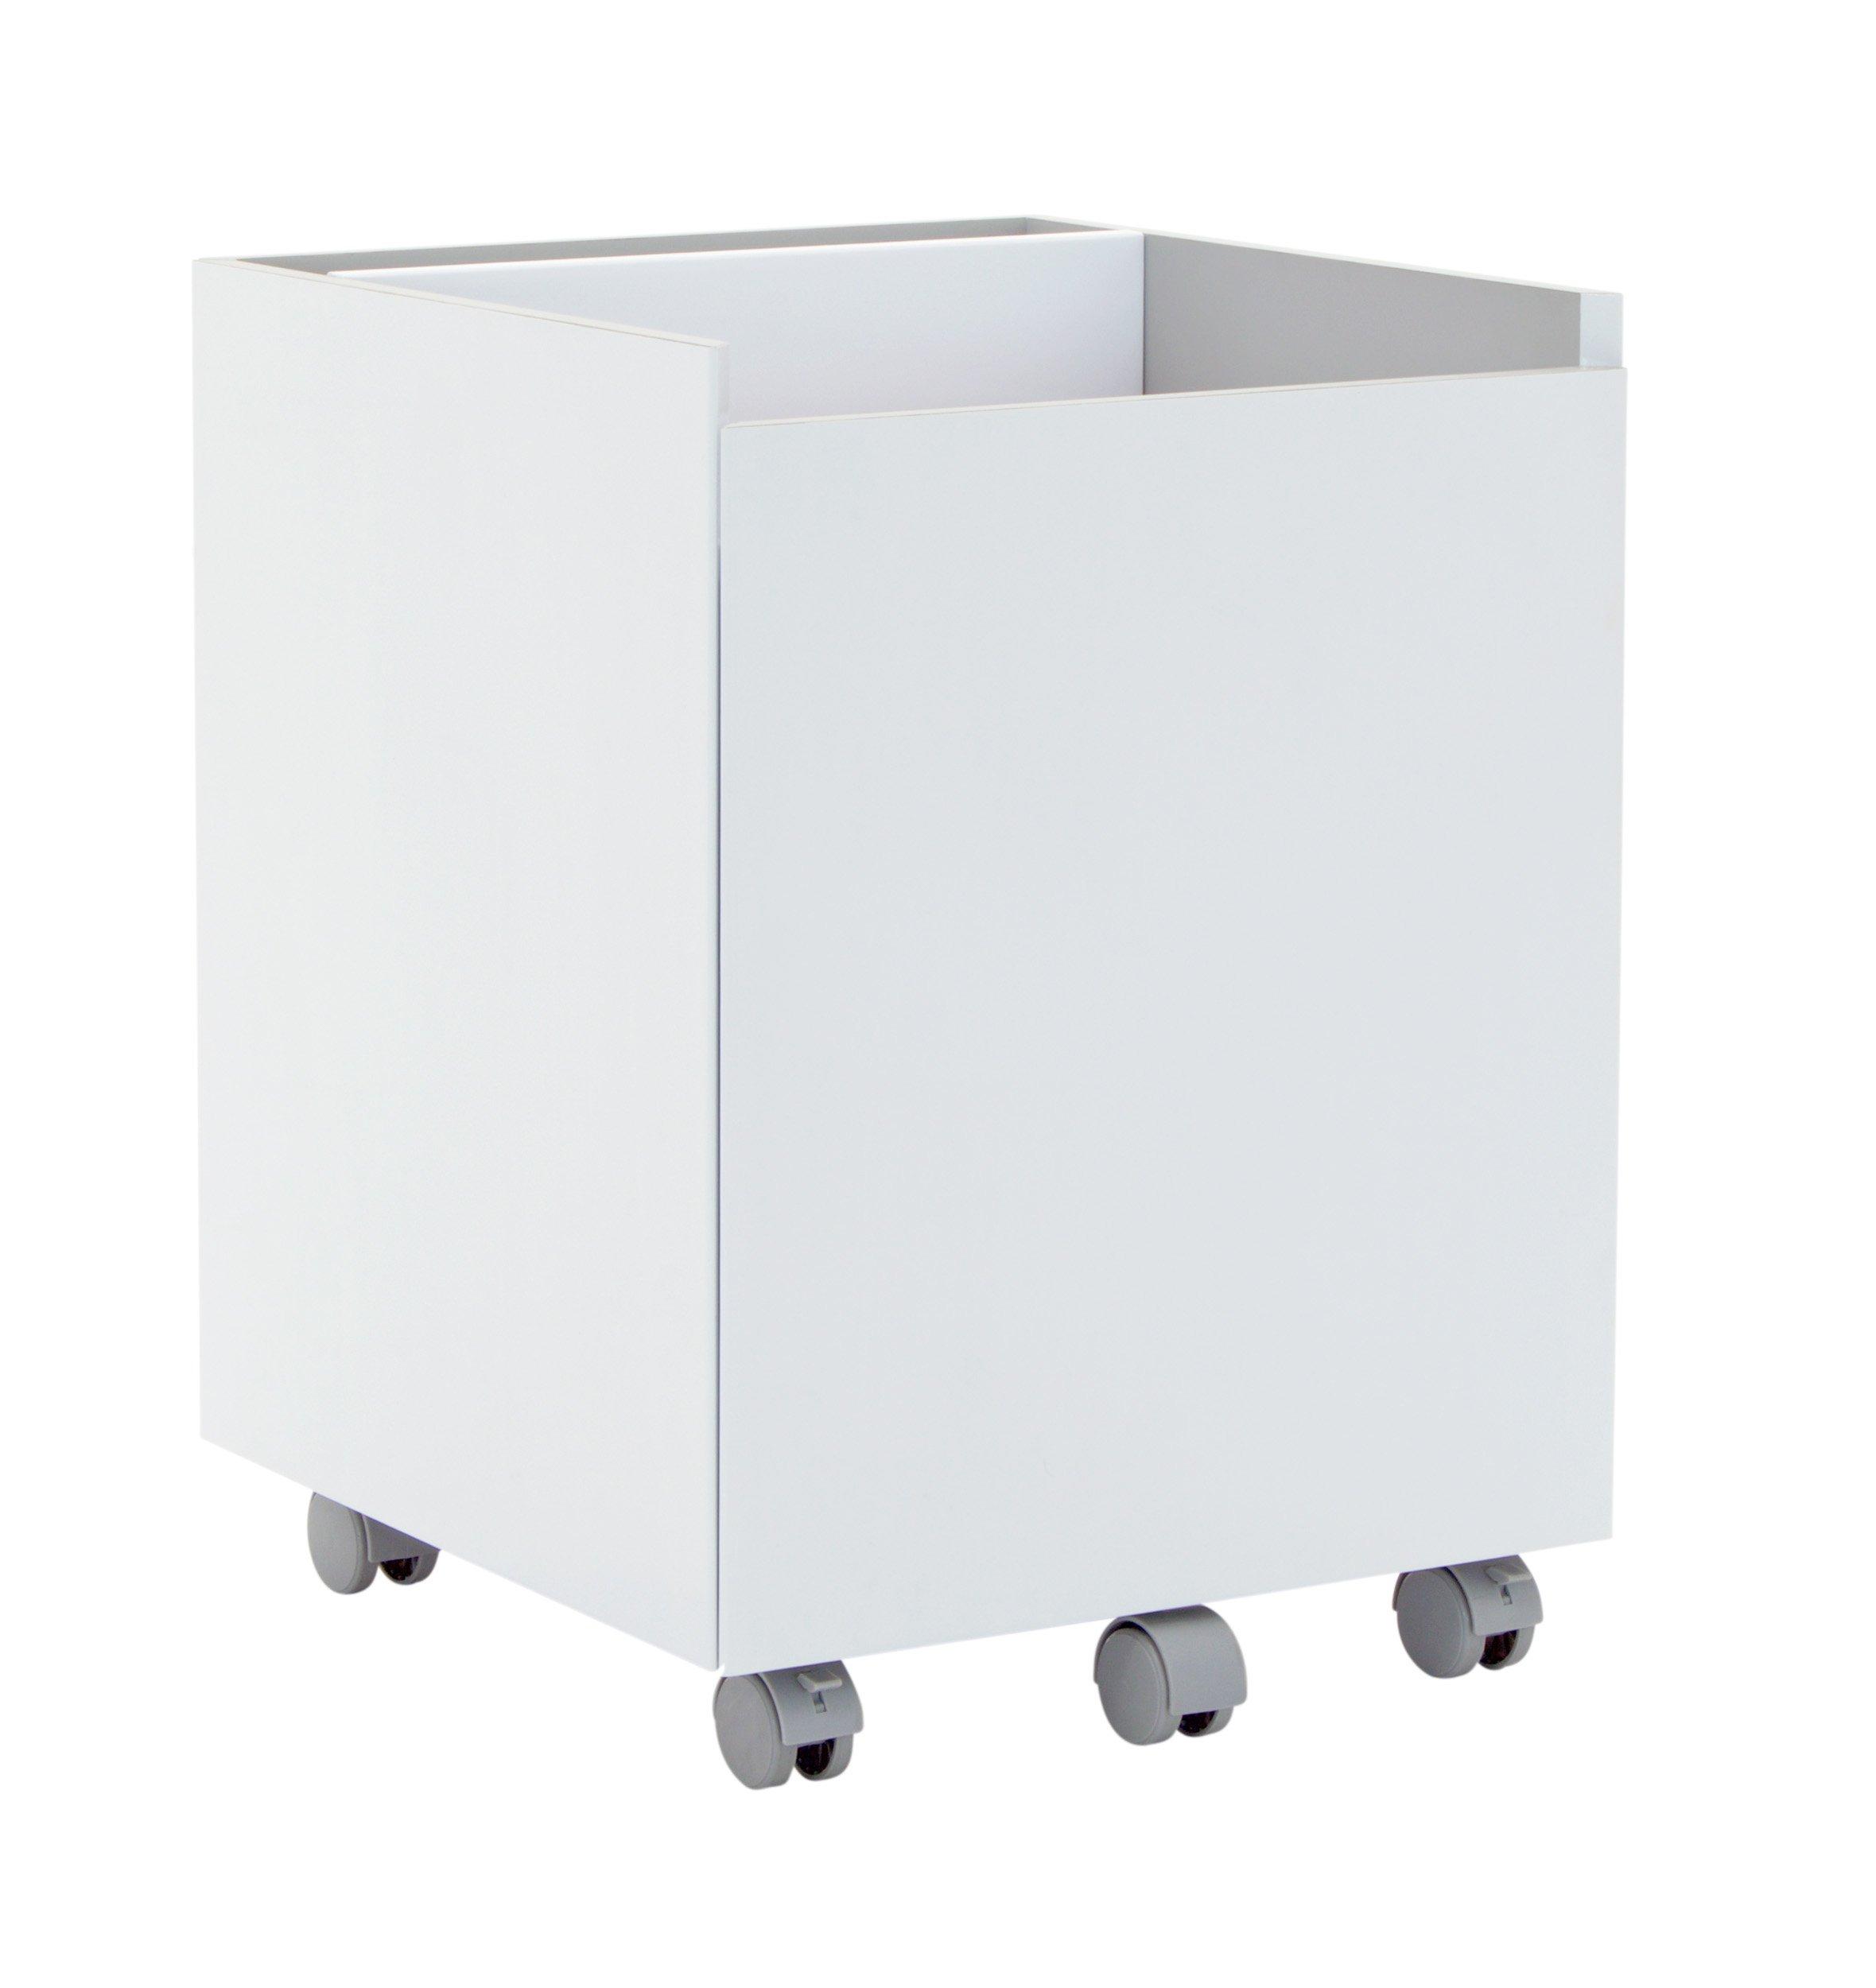 Calico Designs Niche Mobile File Cabinet, White by Calico Designs